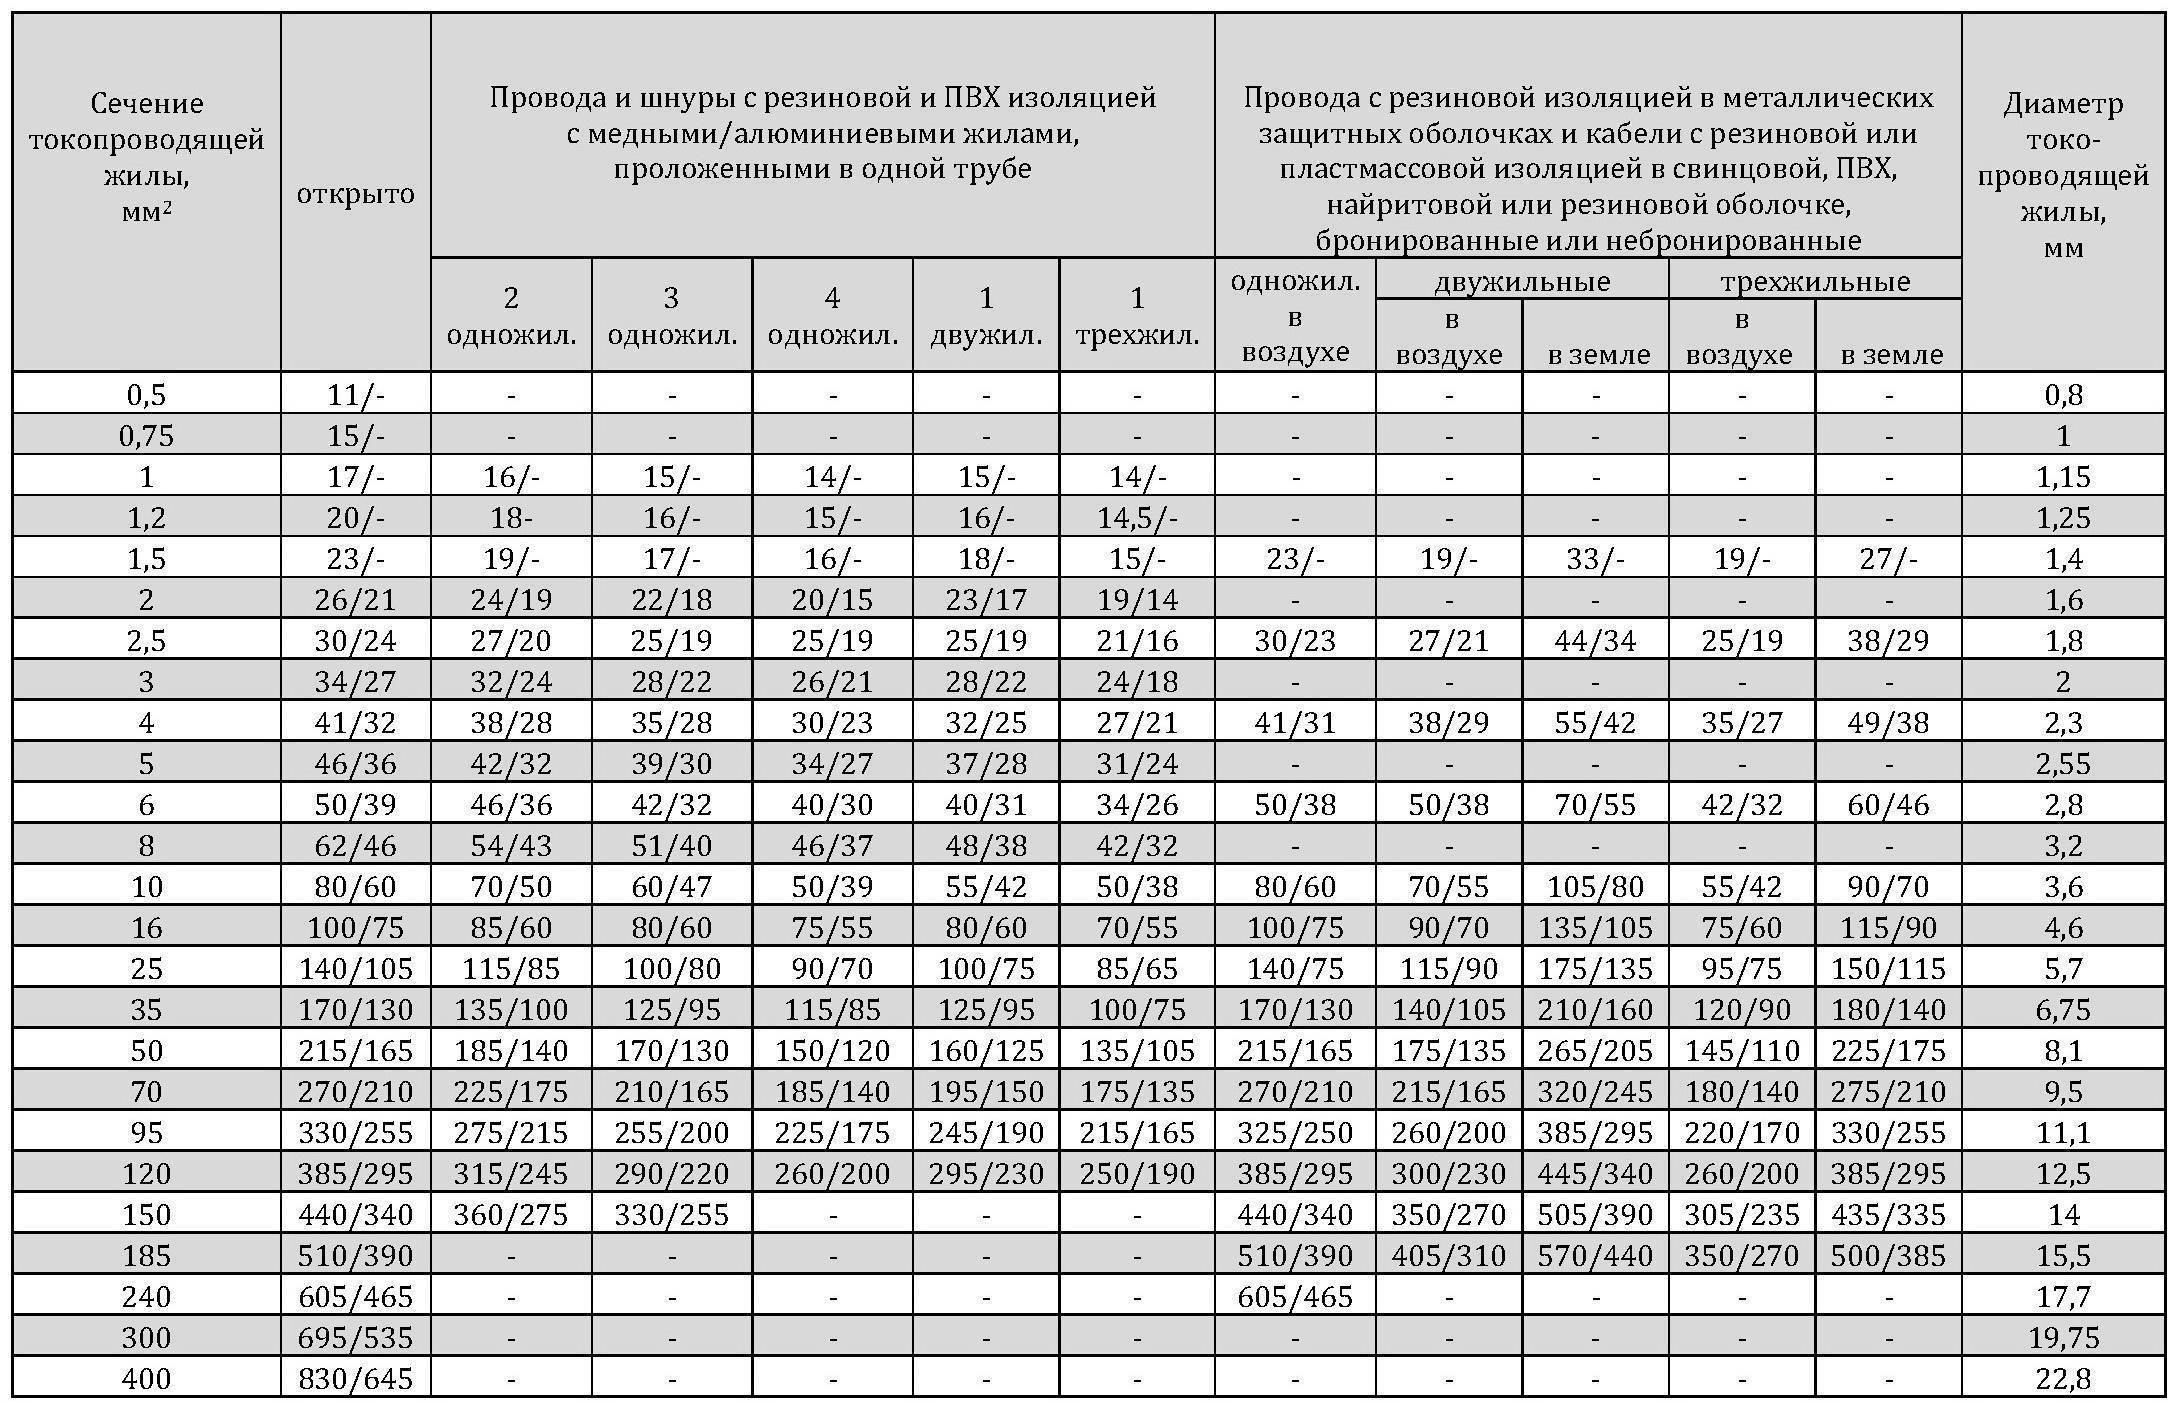 Как подобрать кабель в электросети 0,4кв: сечение и длина кабеля   elesant.ru